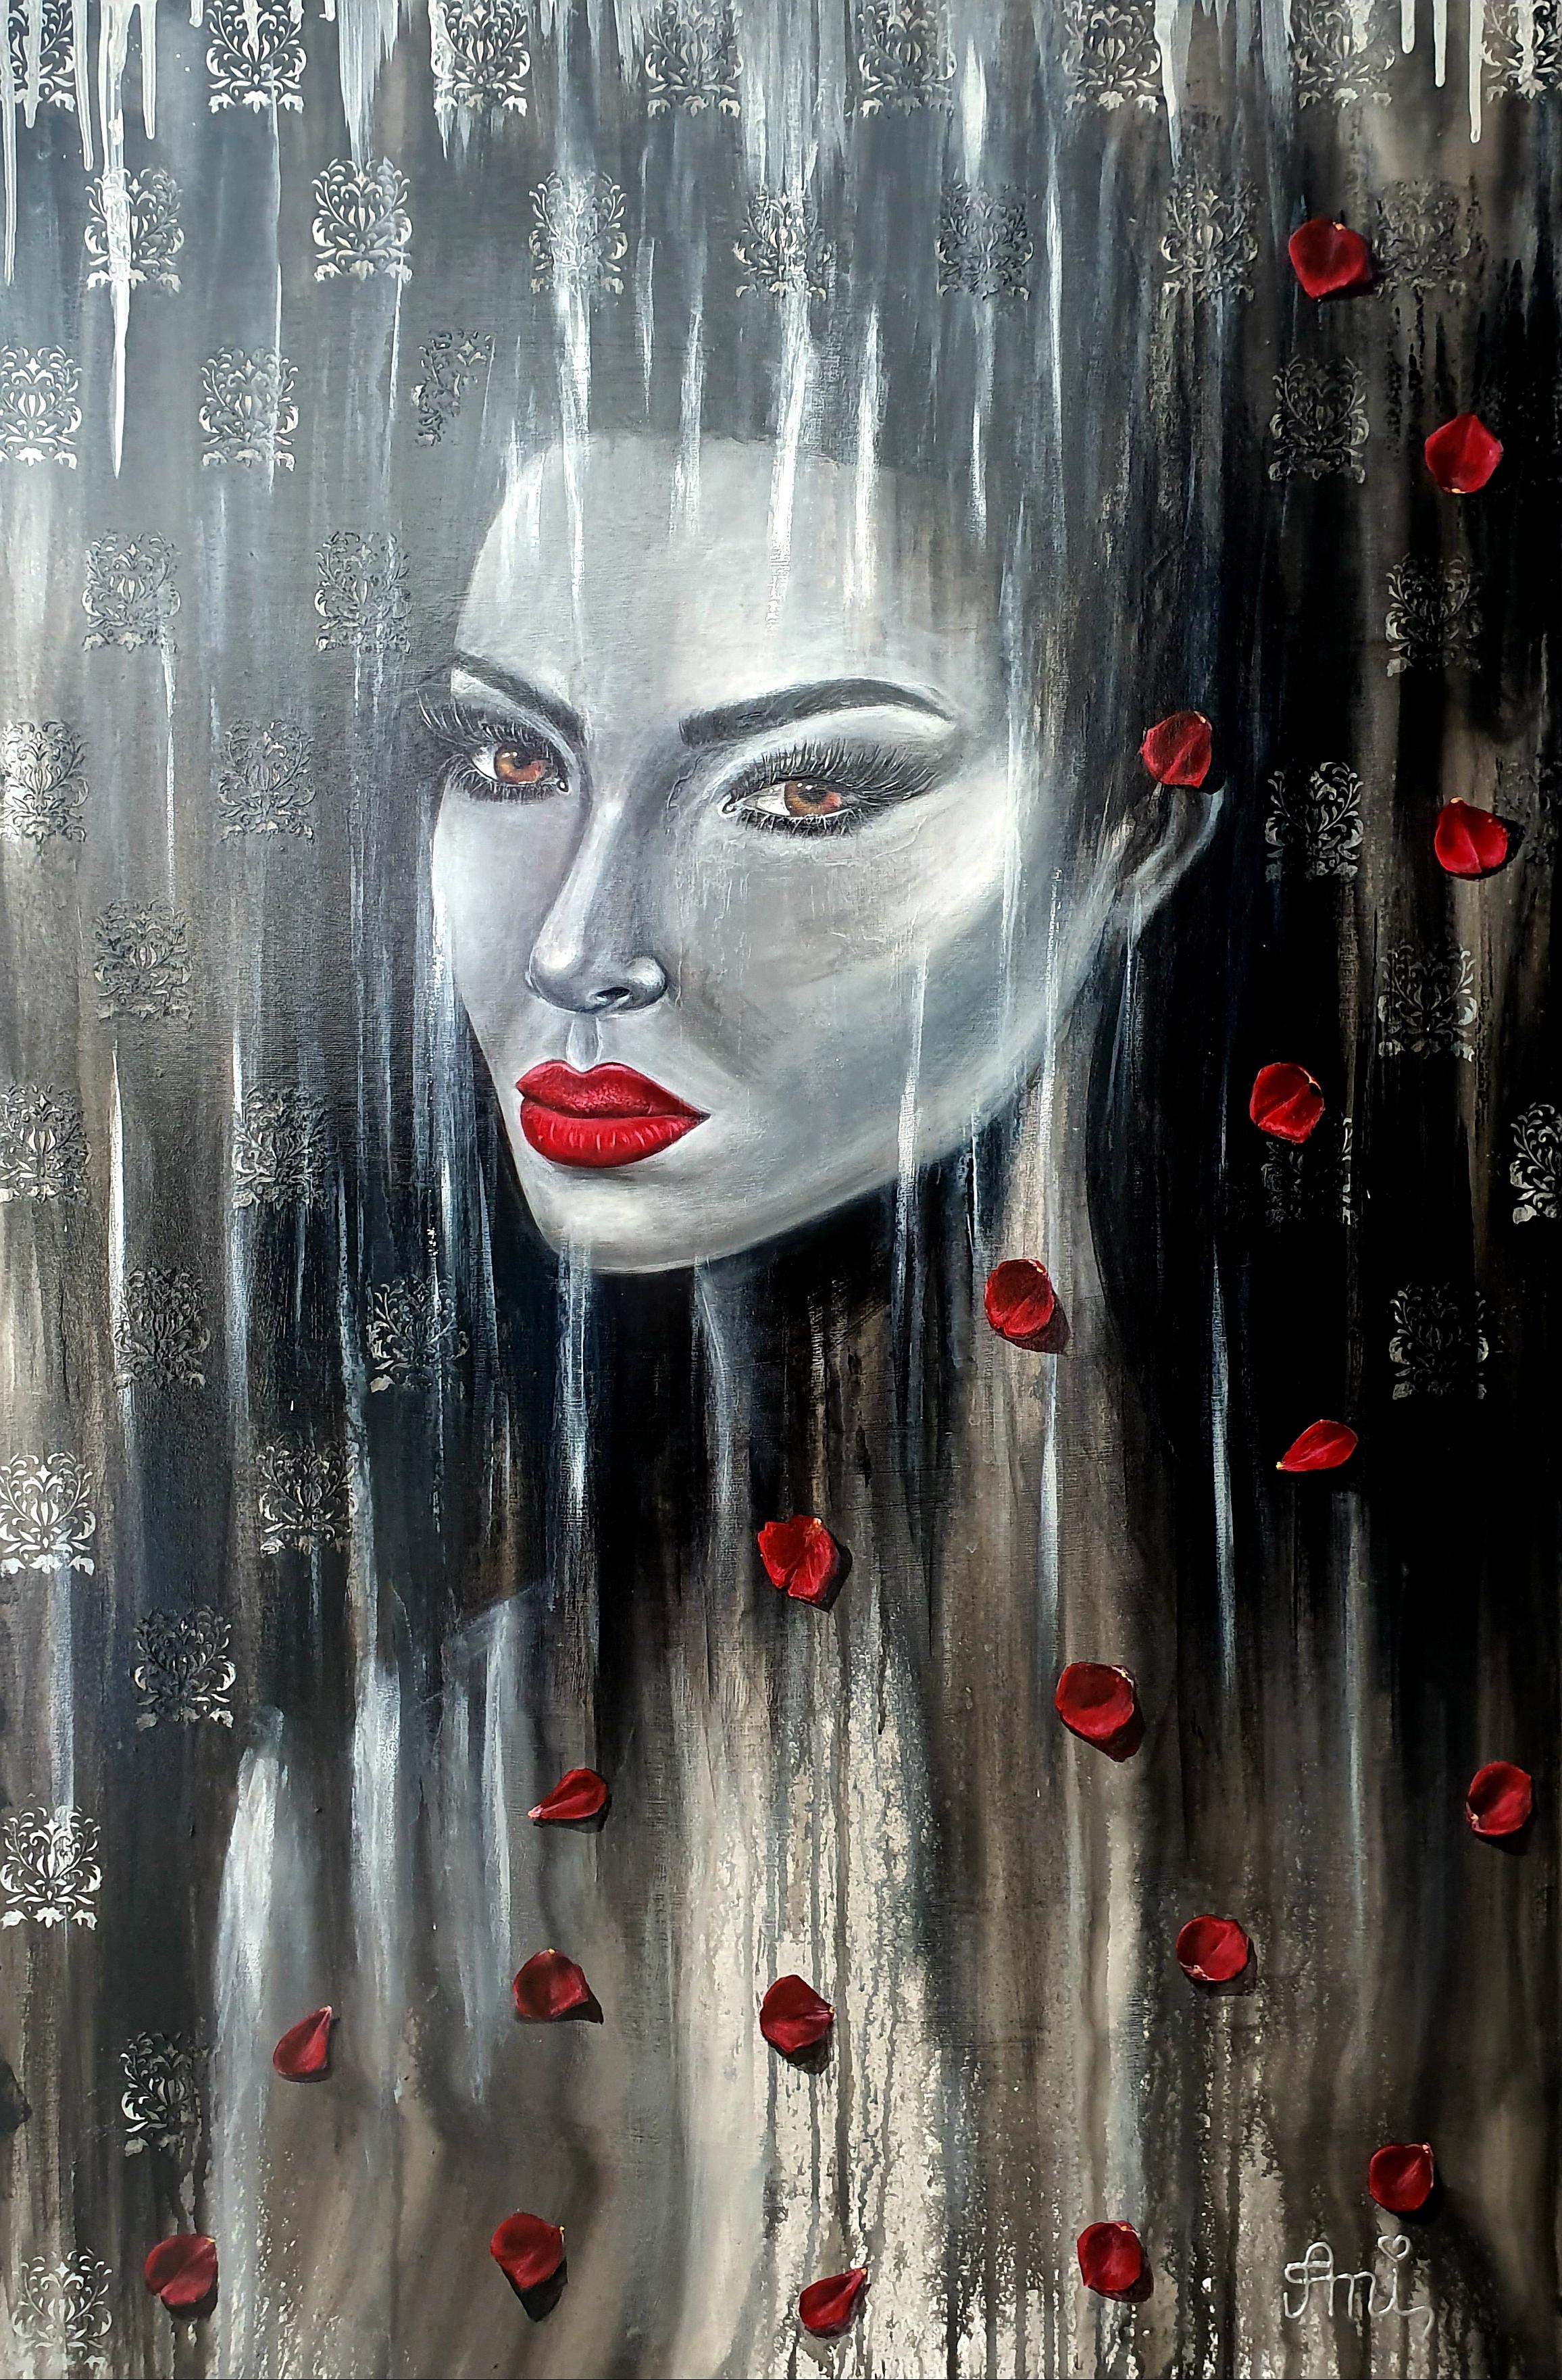 La beauté fragile:  Peinture acrylique sur toile, 115 x 75cm  Prix: 1250€ + frais de livraison